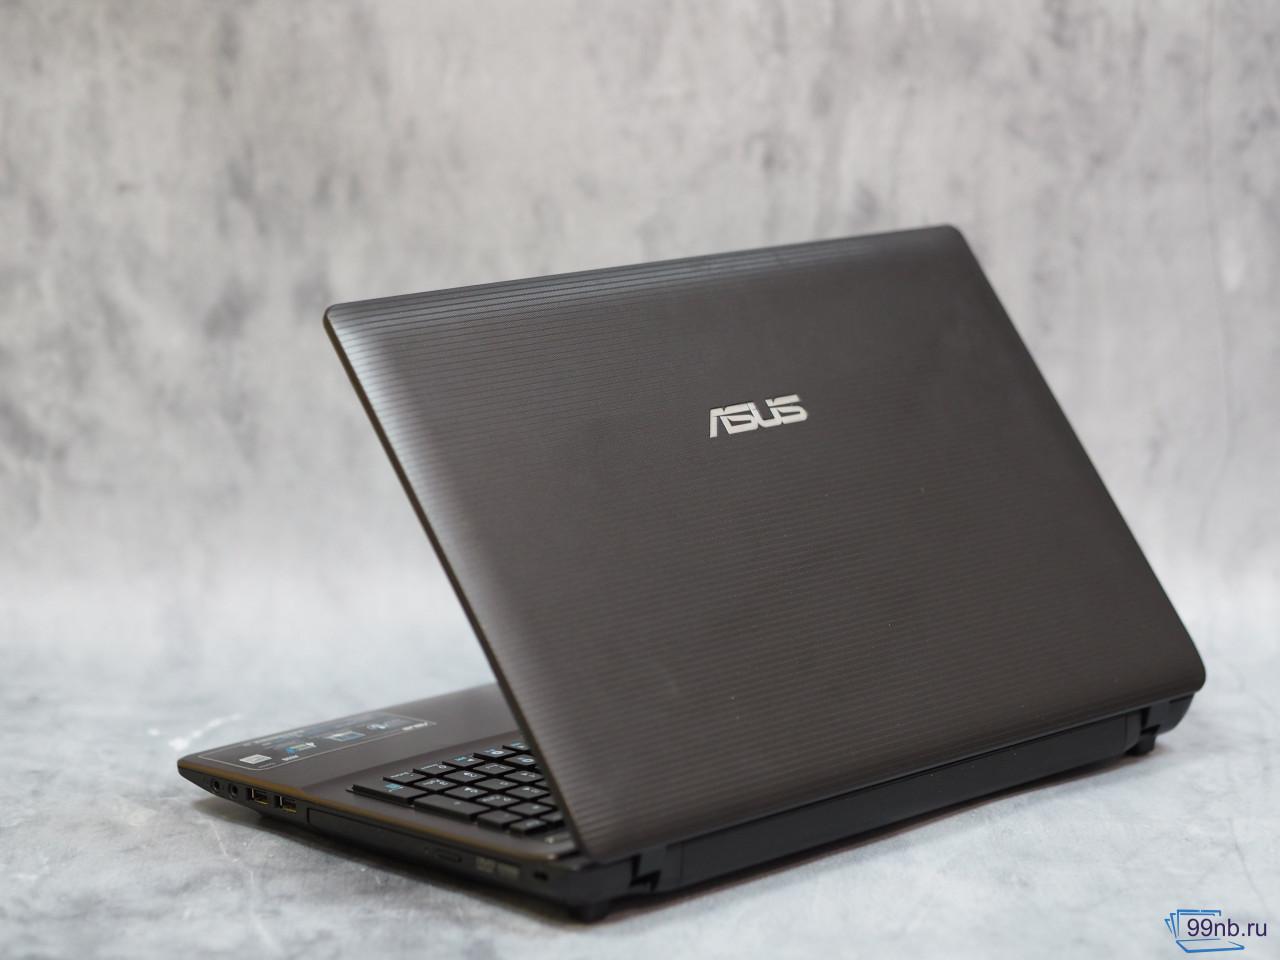 Asus  a53sc-sx436r